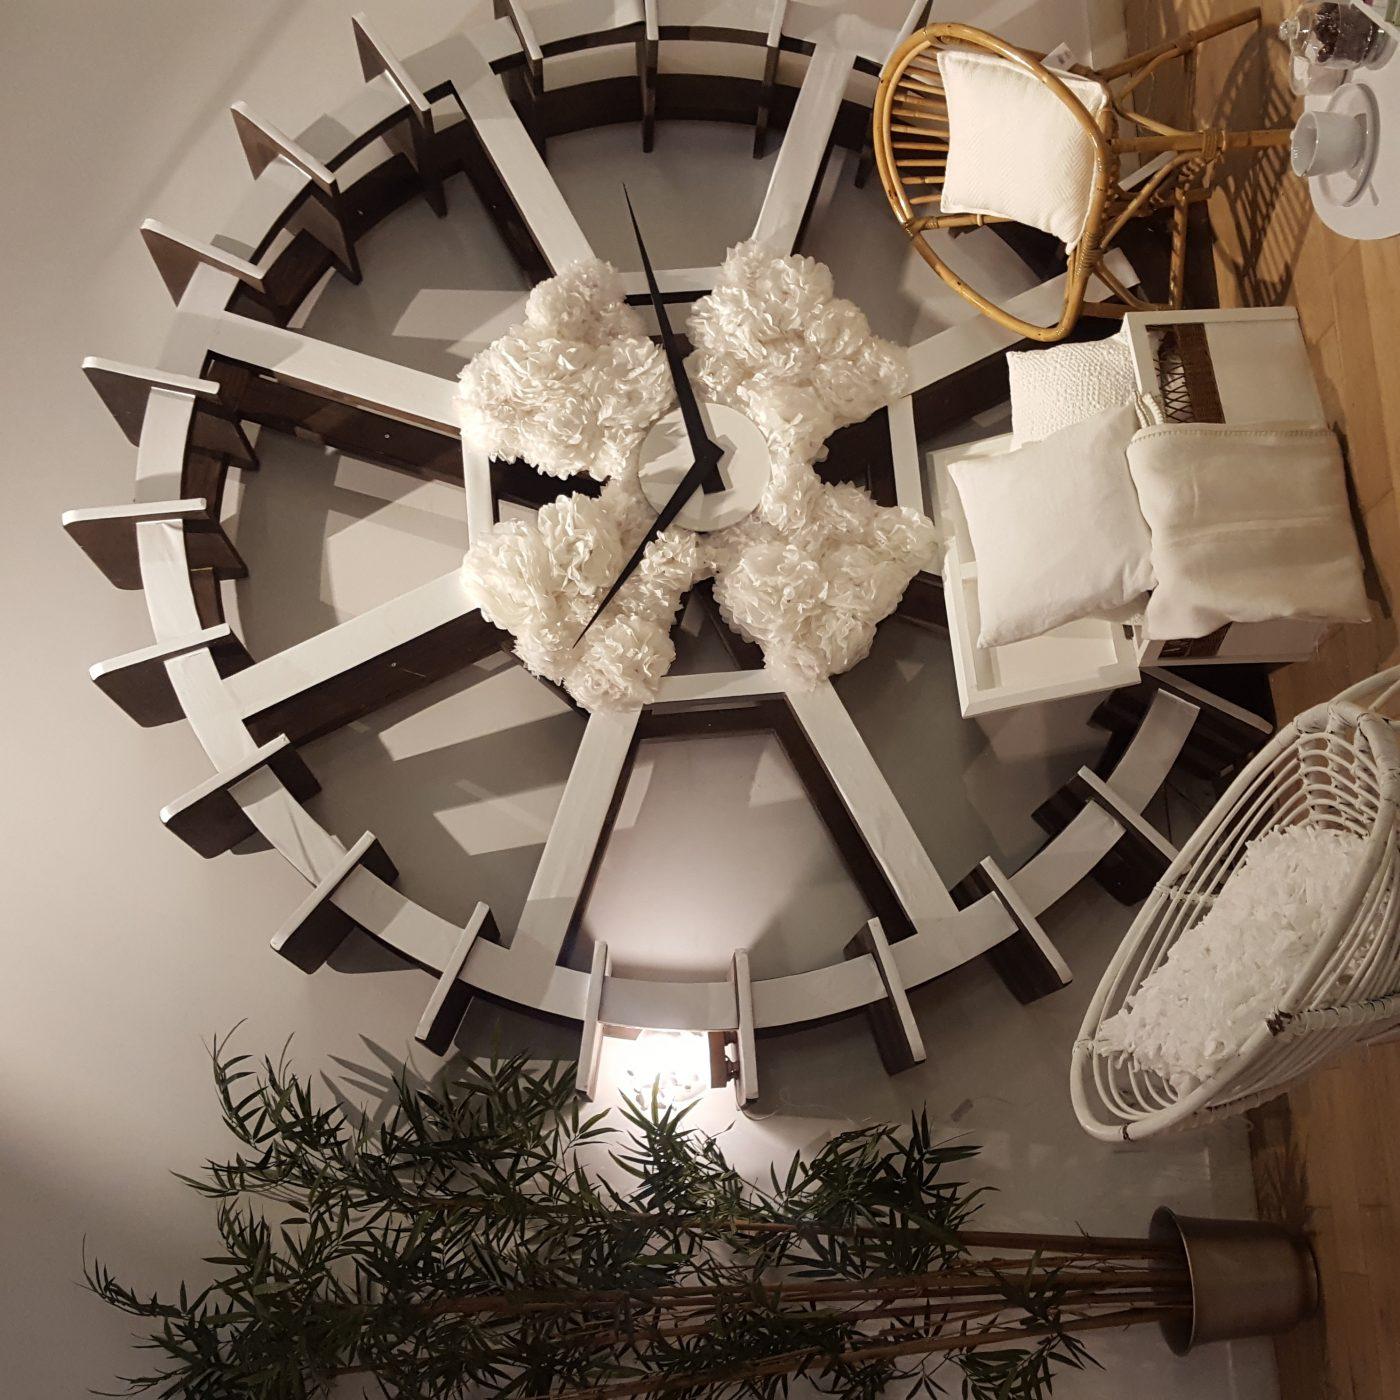 la maison v tue de blanc nouveau d clic white craft gennevilliers blog z dio. Black Bedroom Furniture Sets. Home Design Ideas